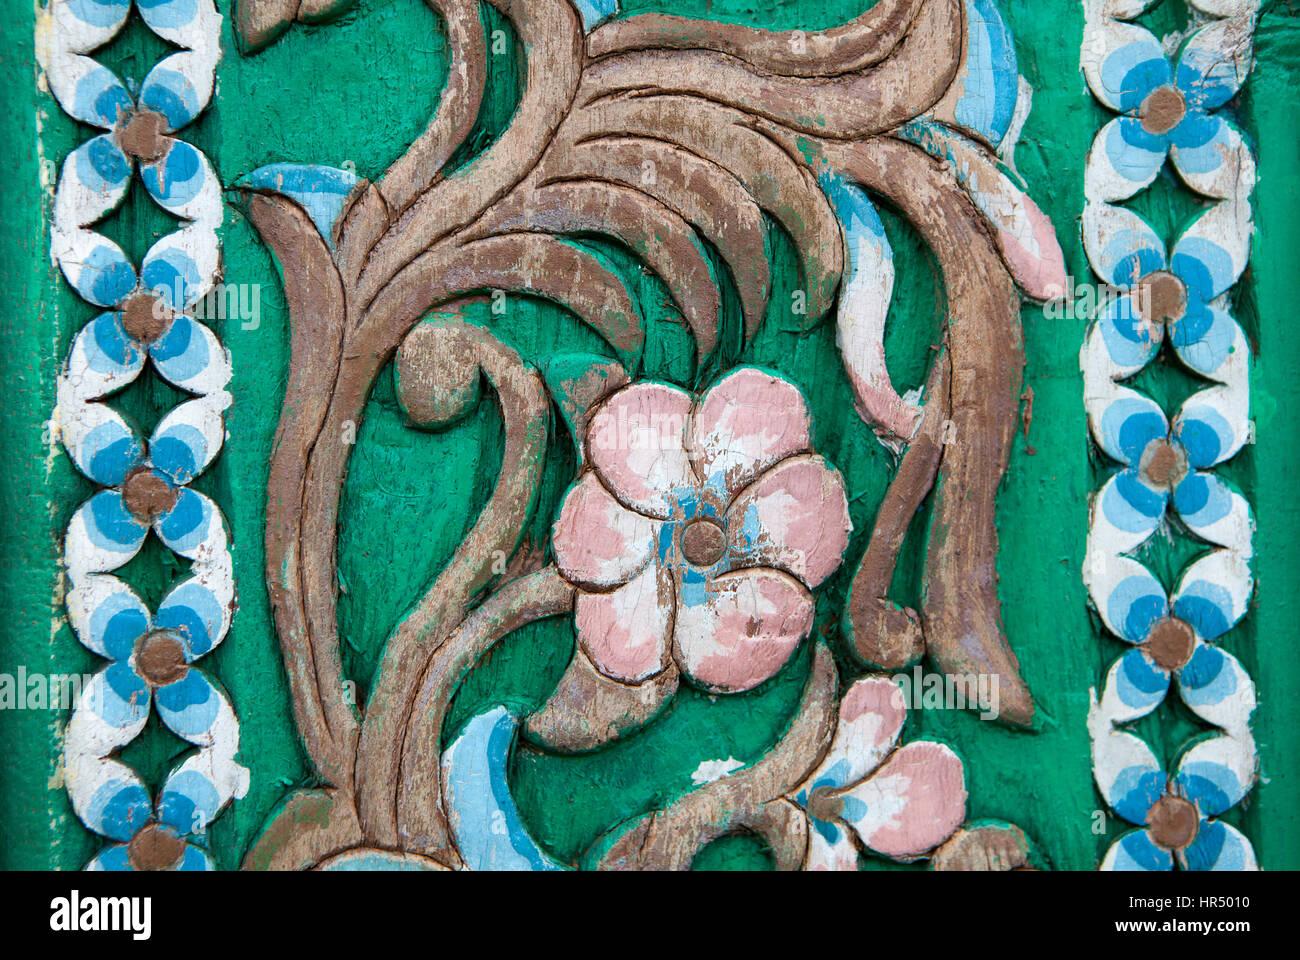 Le sculture in legno in stile vintage Floral sull'albero Seamless Pattern su legno Foto Stock